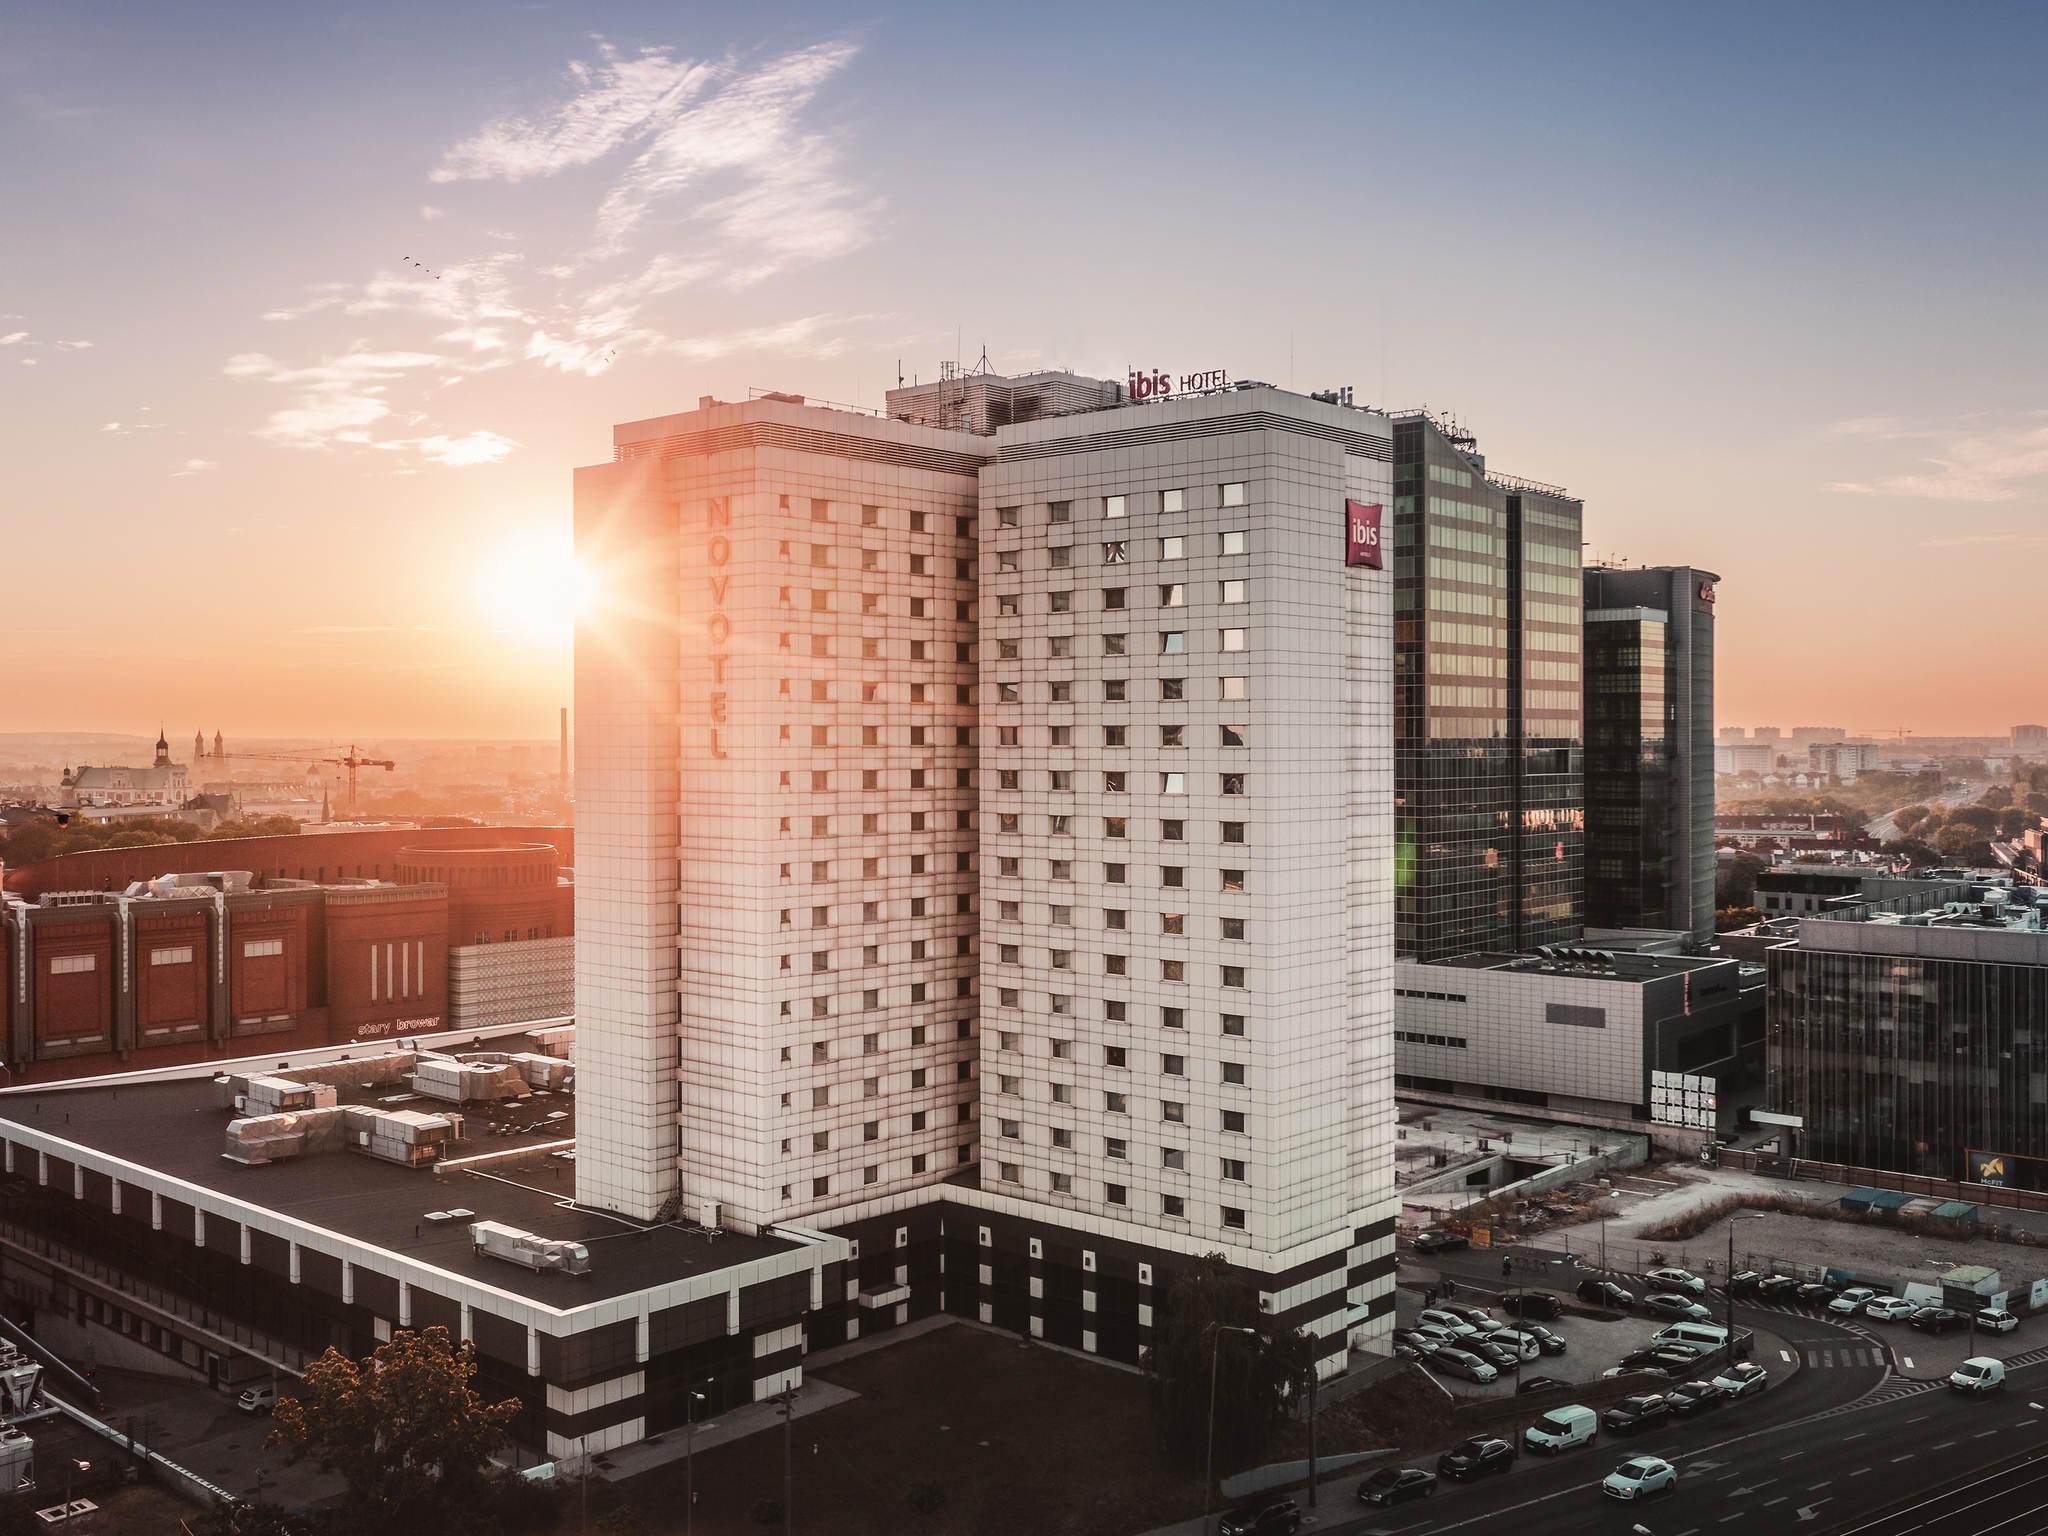 Hotel – ibis Poznan Centrum (abertura prevista para janeiro de 2019)